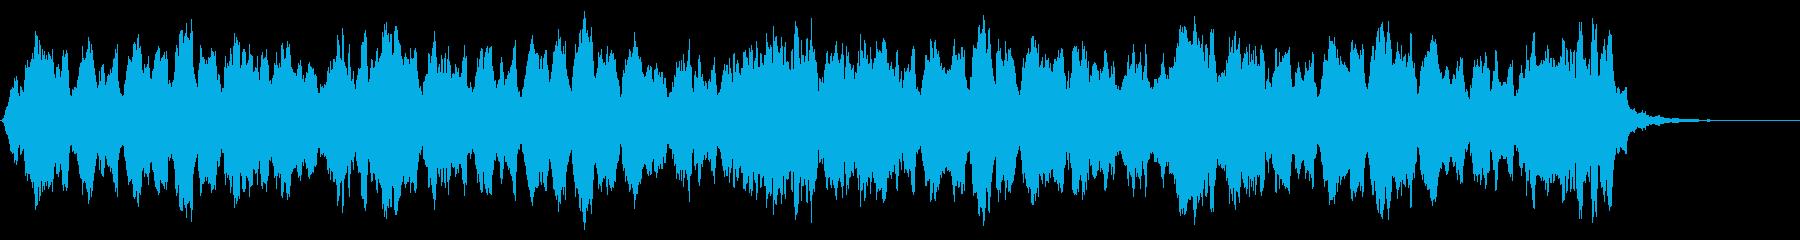 グリーンスリーブス ストリングス 低音版の再生済みの波形